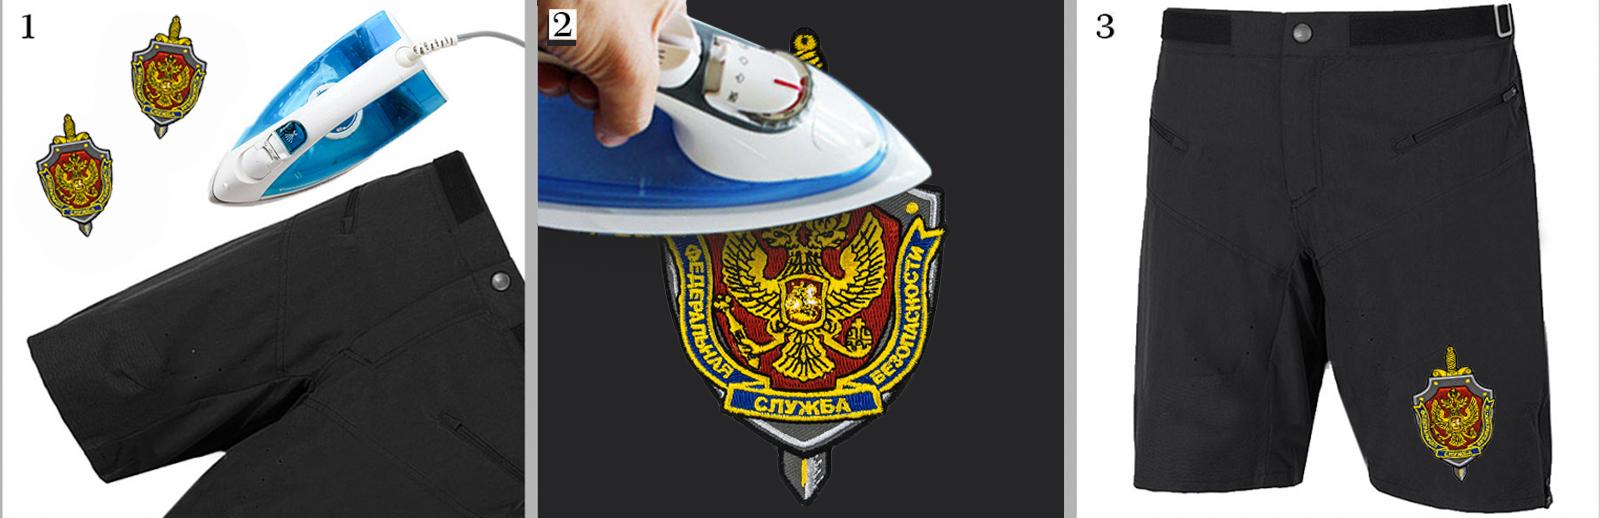 Шеврон ФСБ термоклеевой